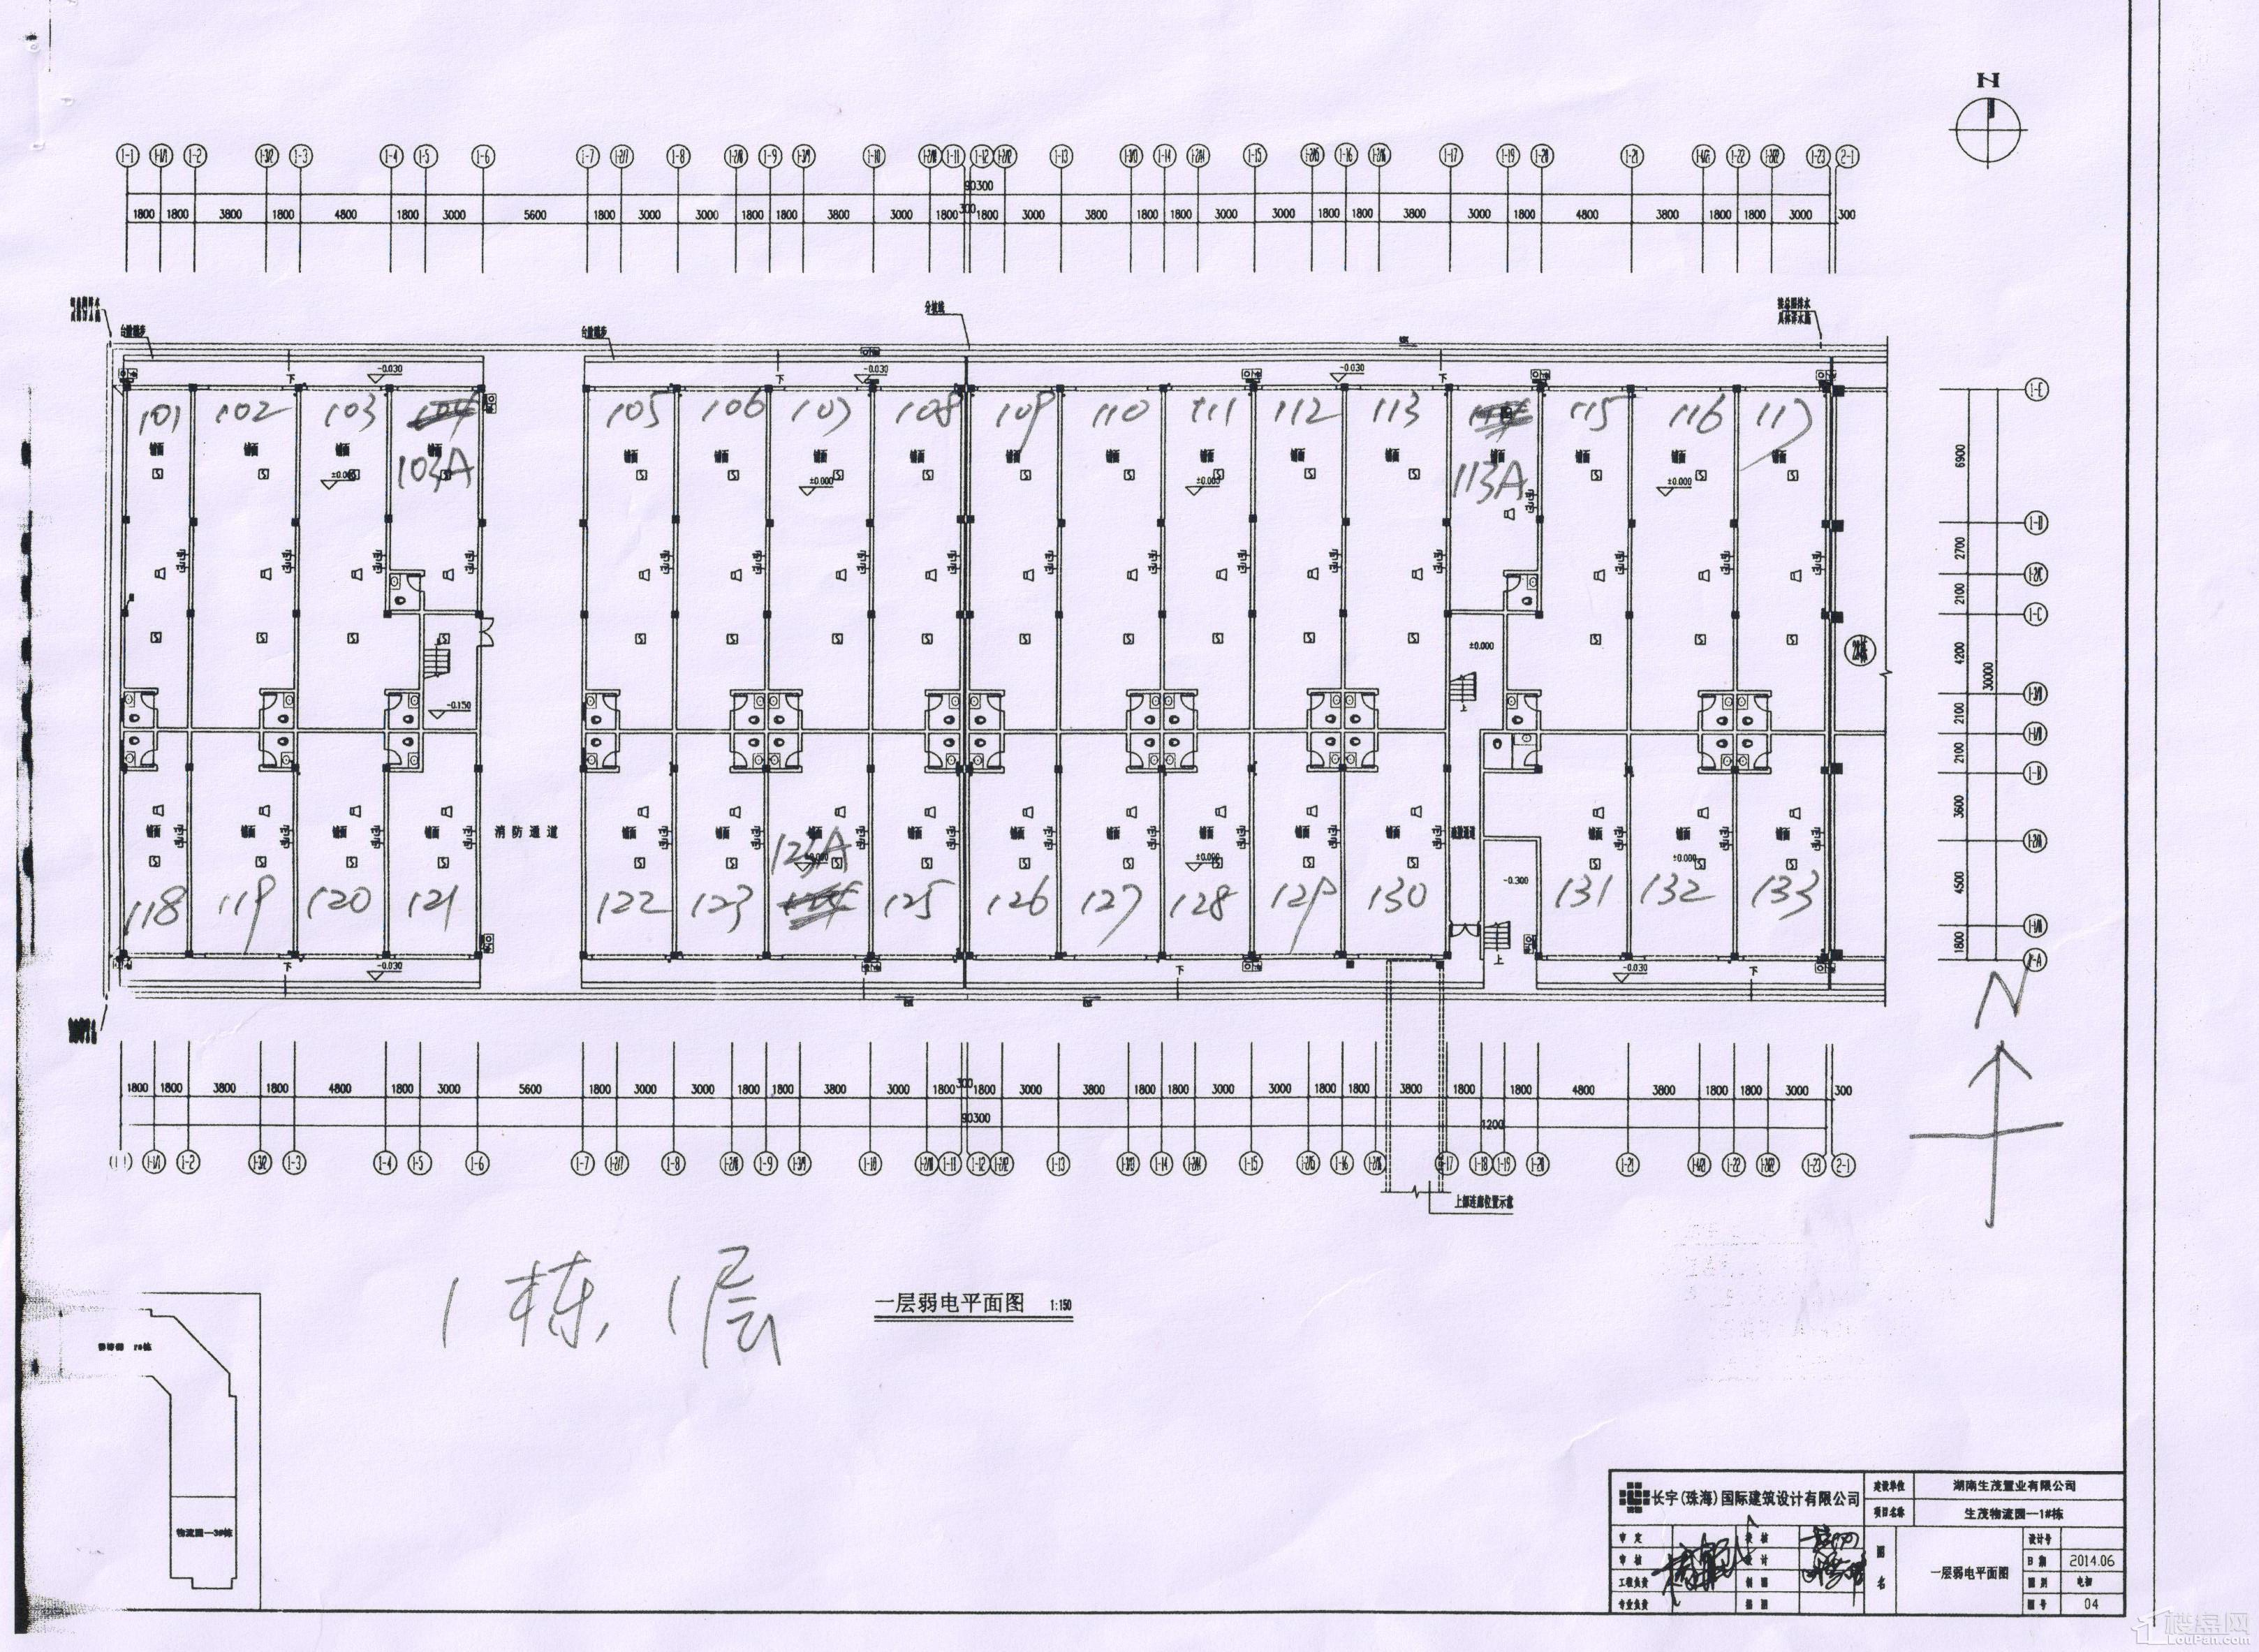 湘西北物流园1栋1层楼层平面图